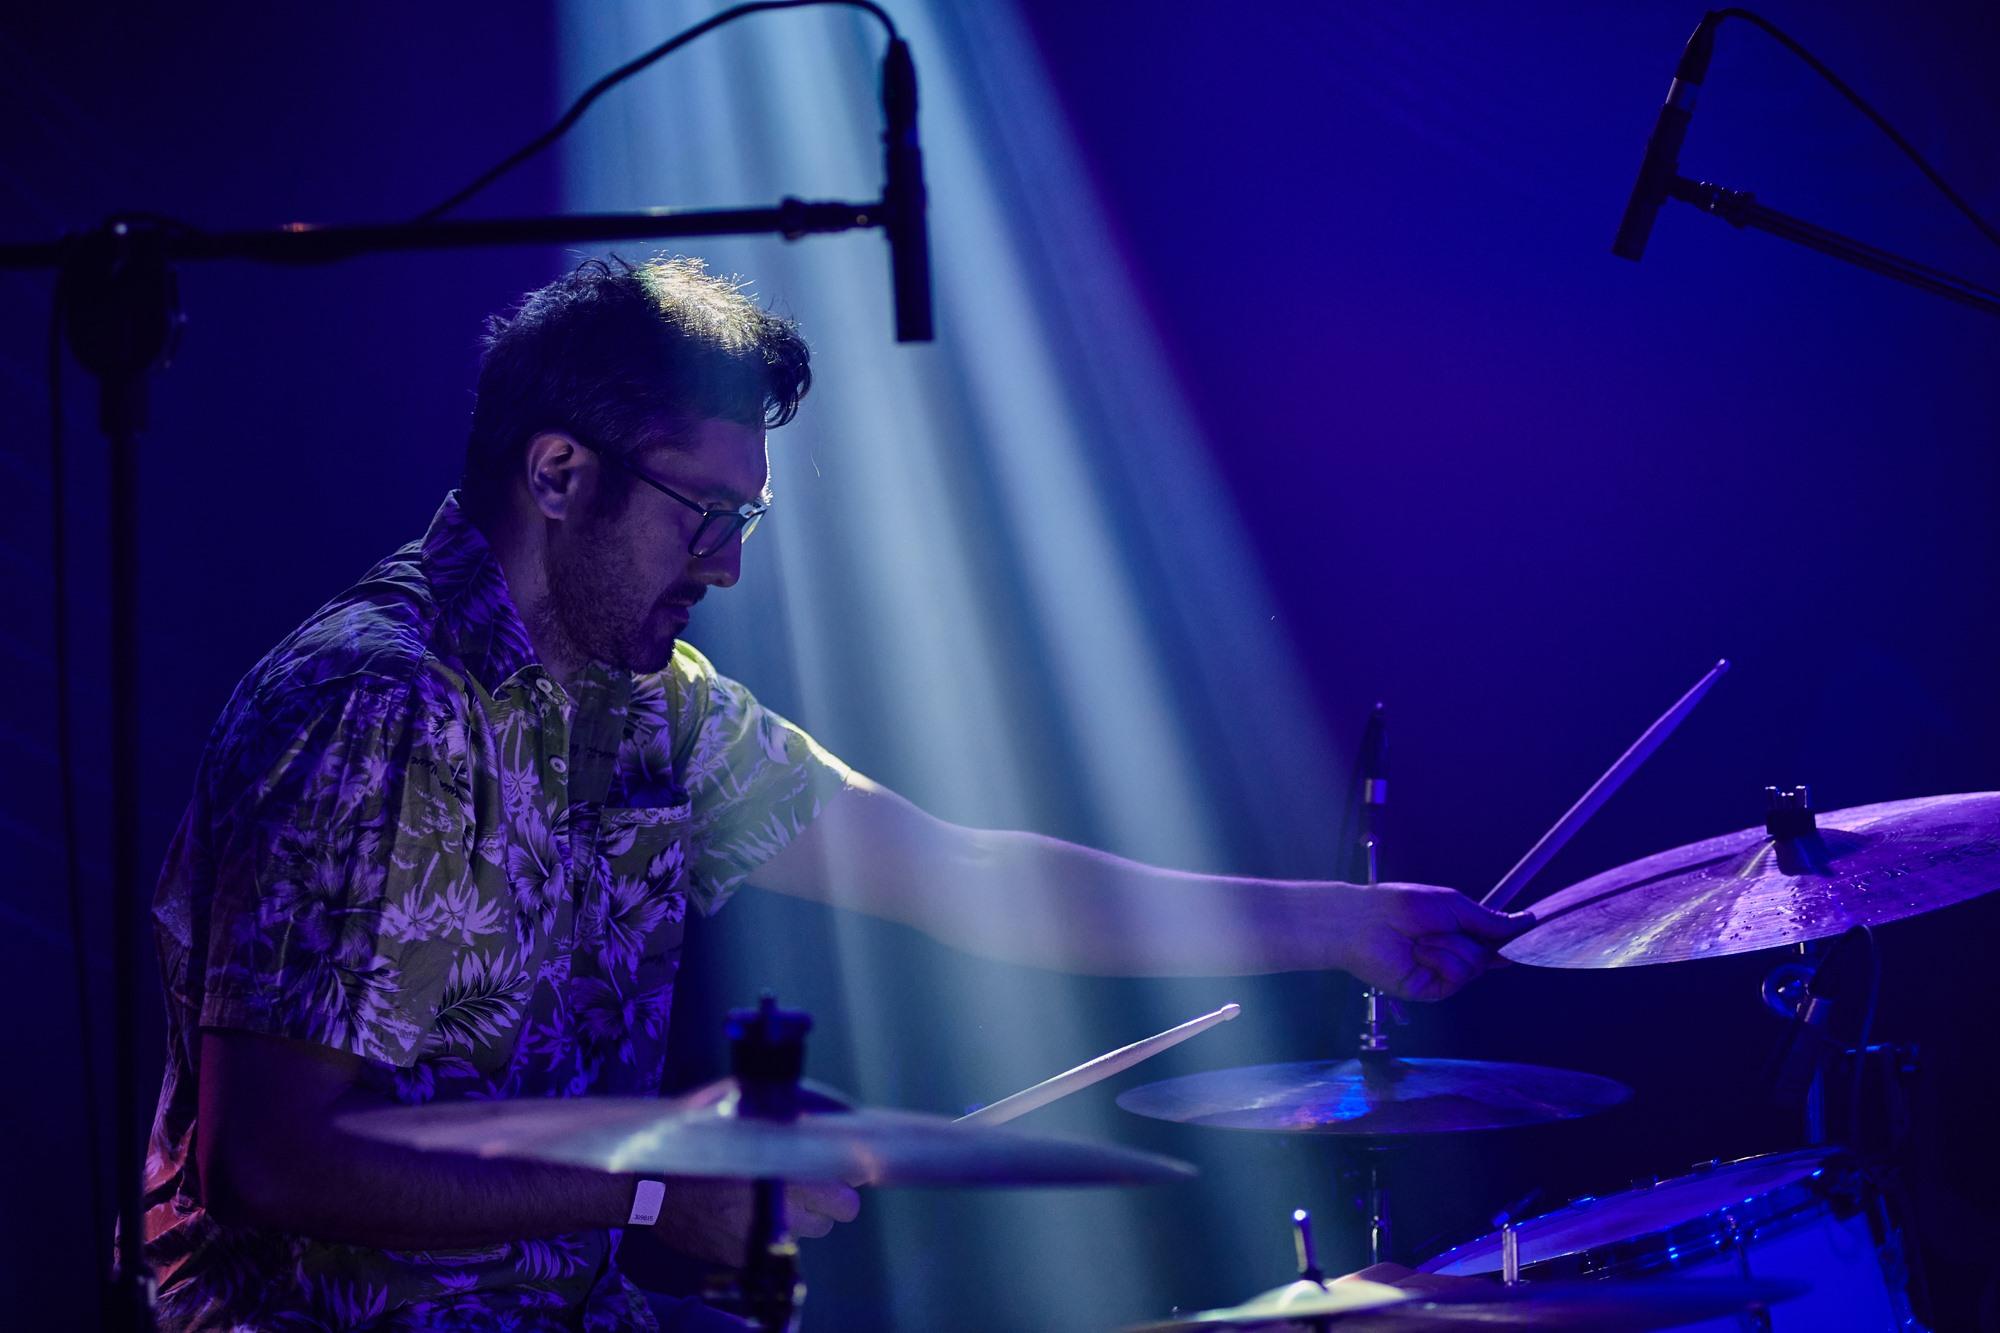 [Zdjęcie z koncertu zespołu Javva przedstawia mężczyznę w okularach i koszuli grającego na perkusji.]